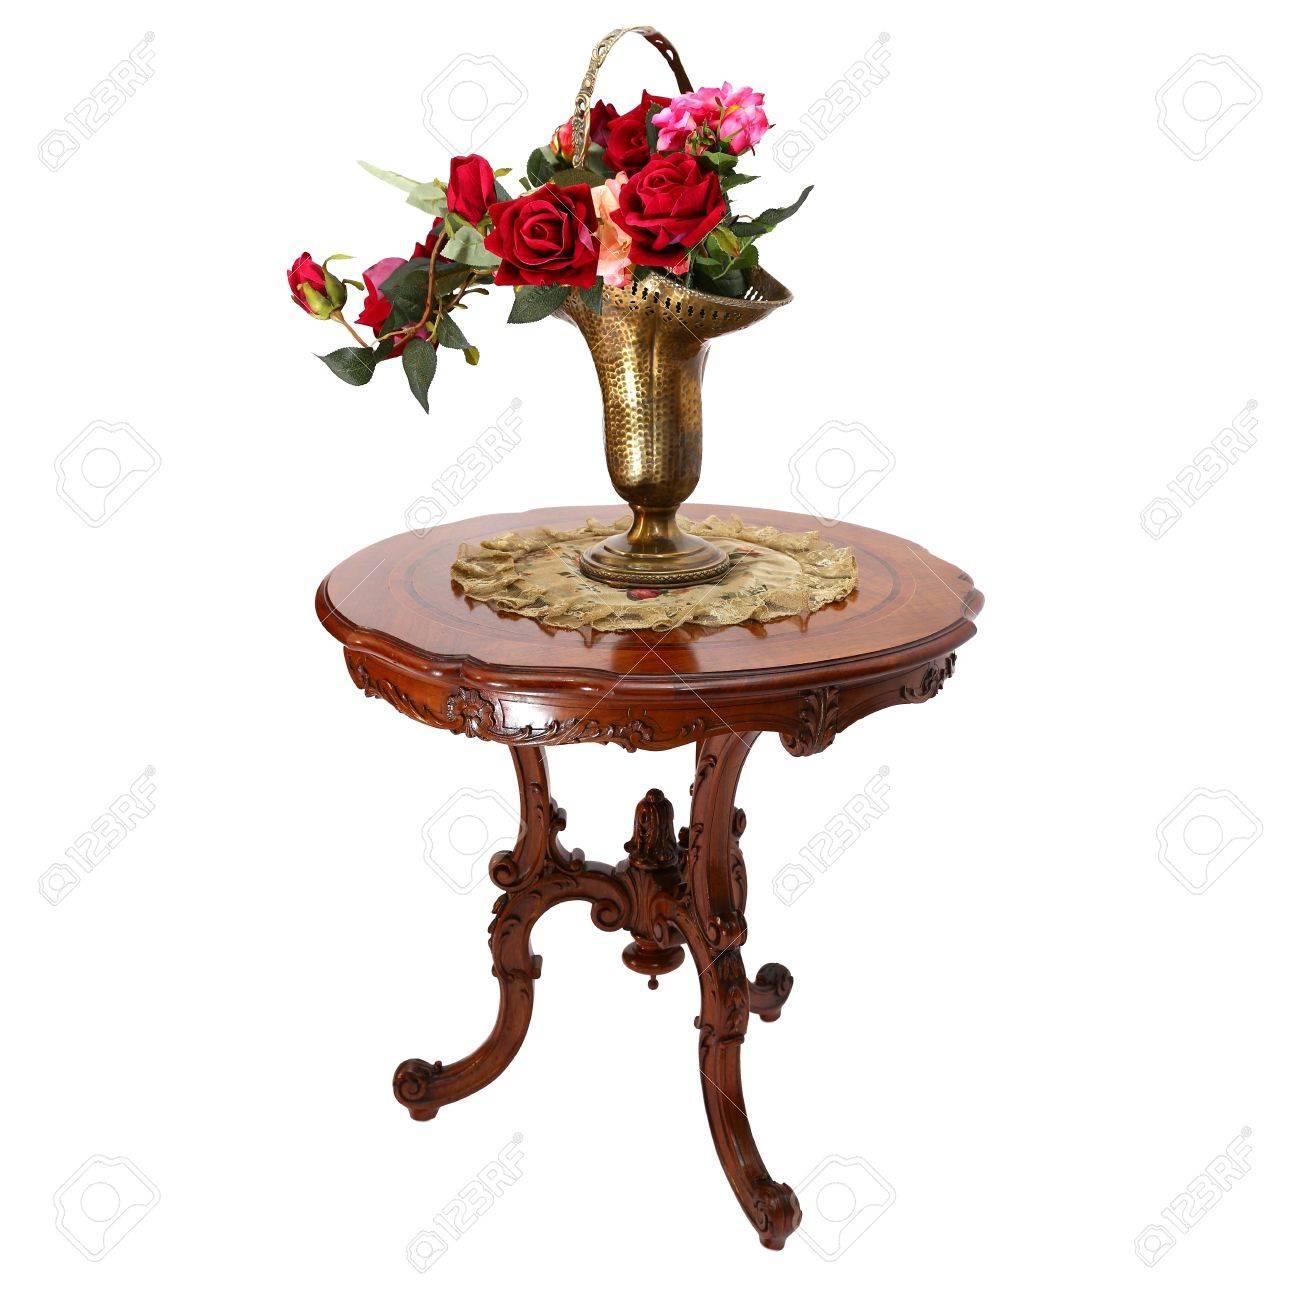 Goldene Geschmückte Vase Mit Rosen Auf Einem Kleinen Couchtisch Aus Holz  Isoliert Auf Weißem Hintergrund Standard